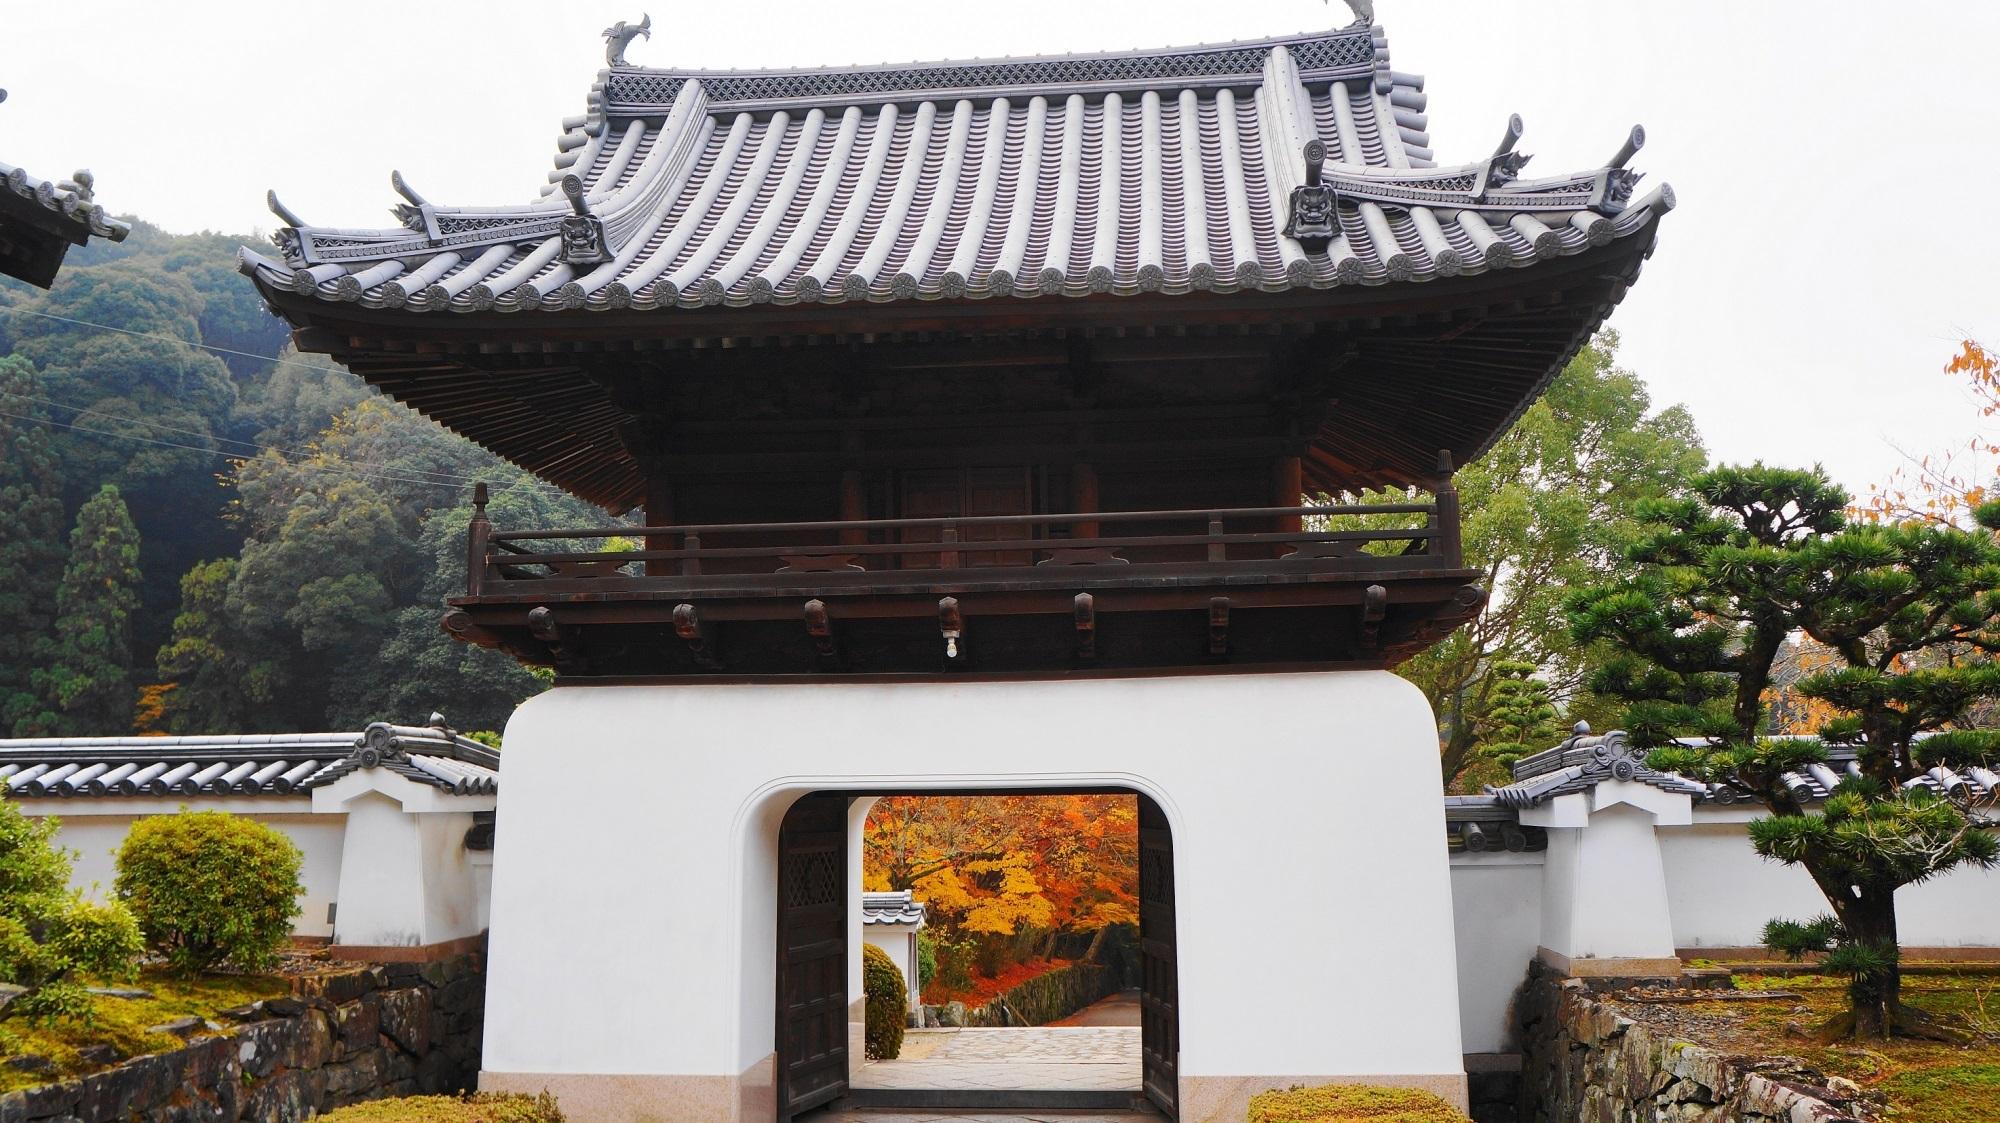 興聖寺と琴坂の素晴らしい紅葉と華やかな秋色